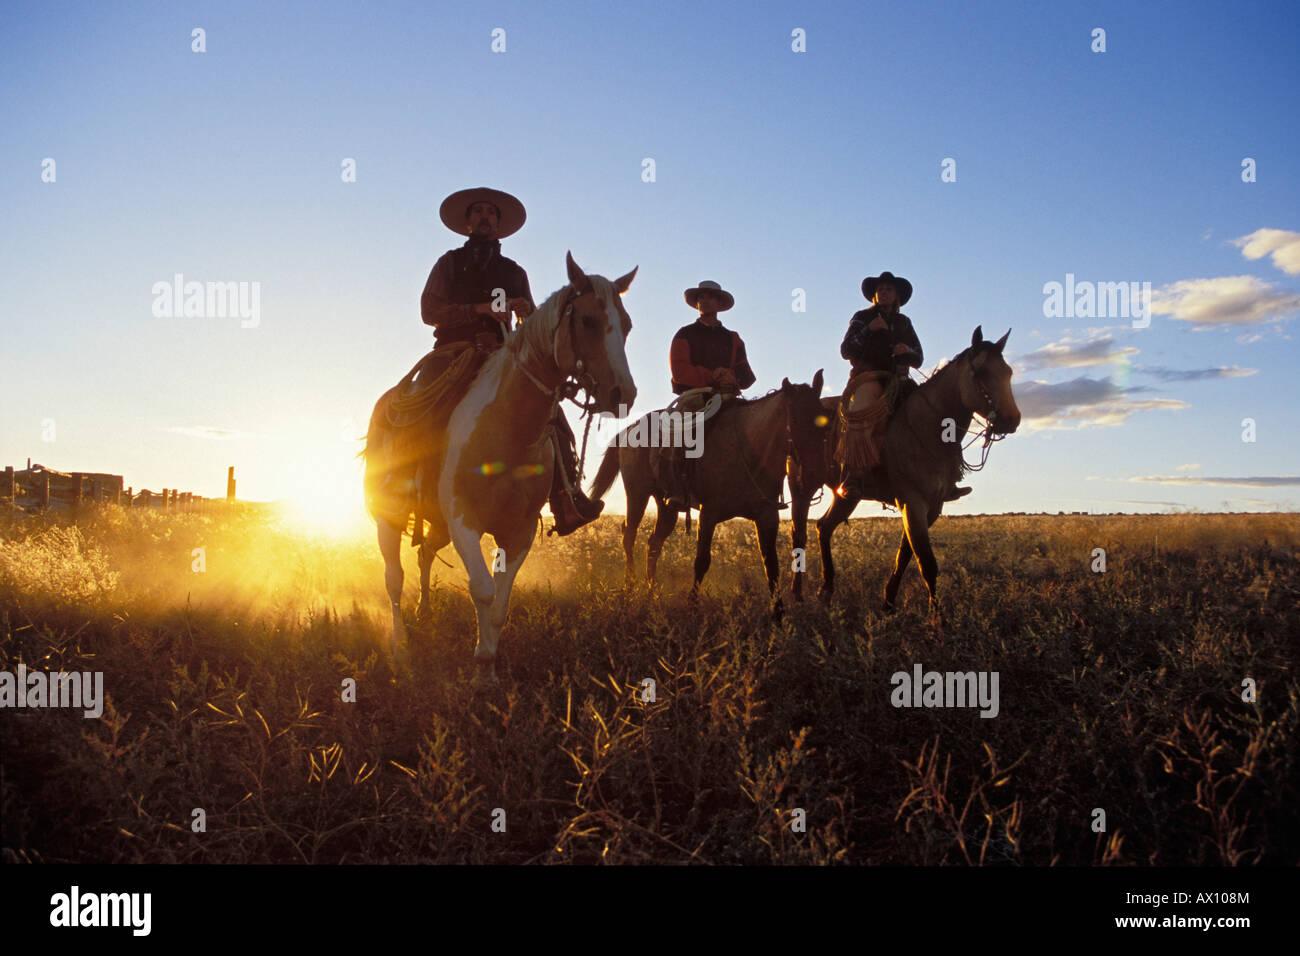 Cowboys cabalgatas al atardecer, Oregón, EE.UU. Imagen De Stock